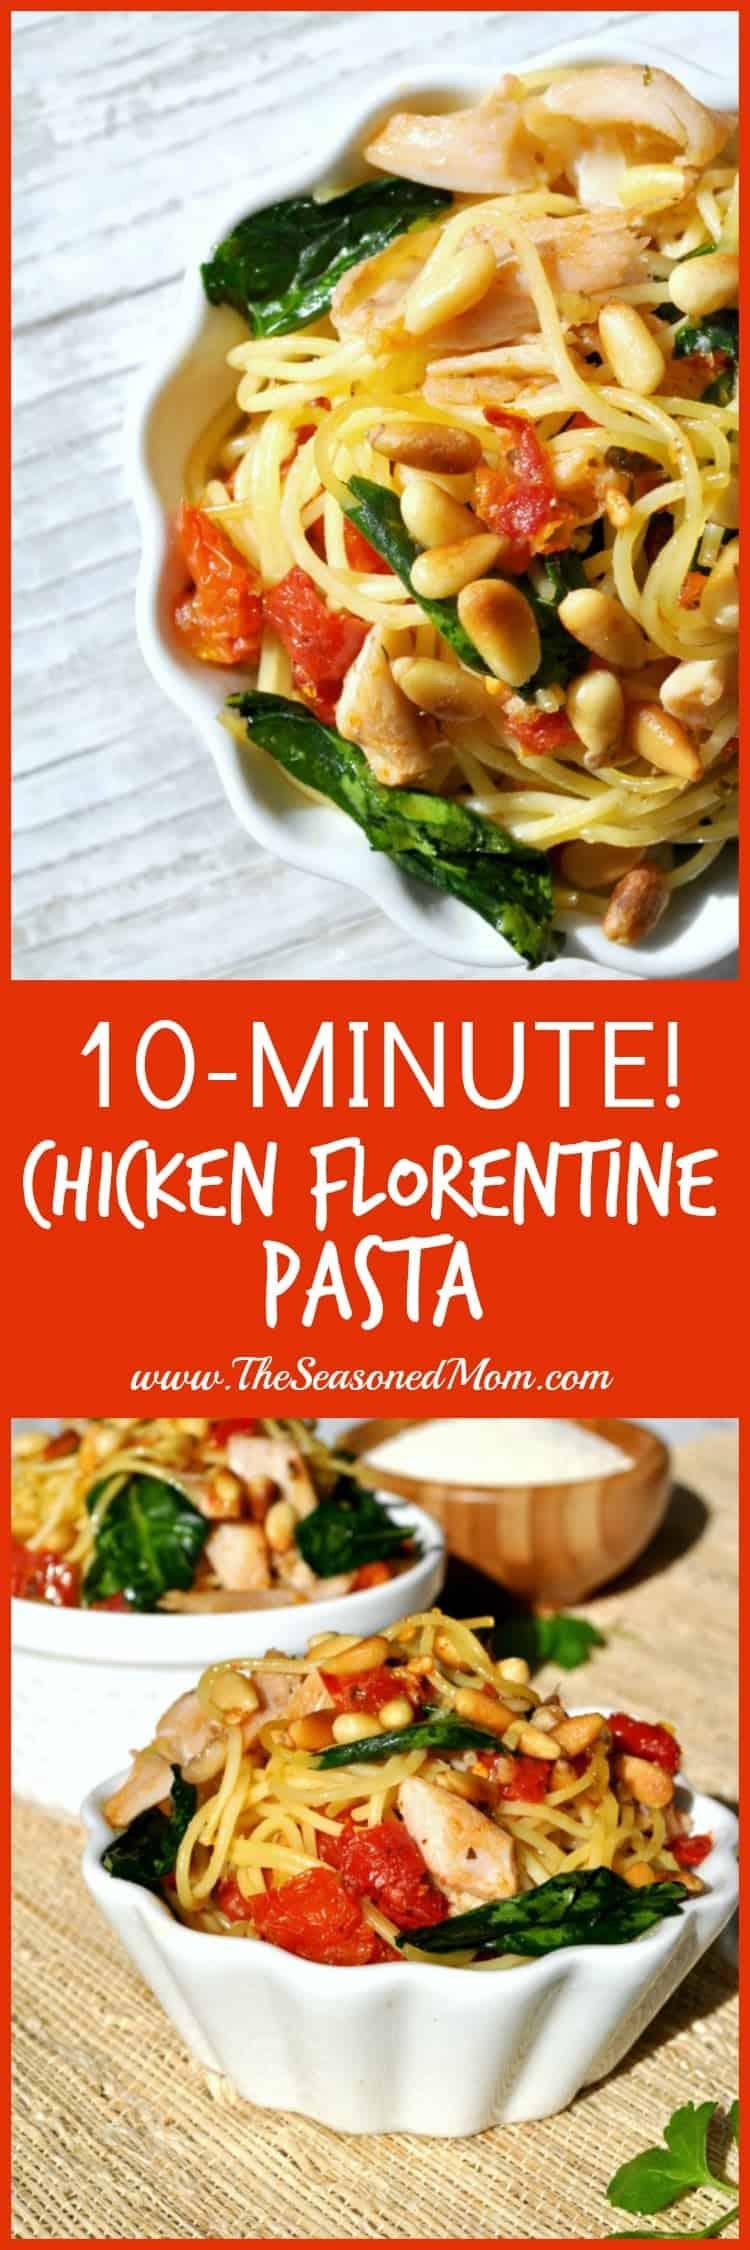 10 Minute Chicken Florentine Pasta 2